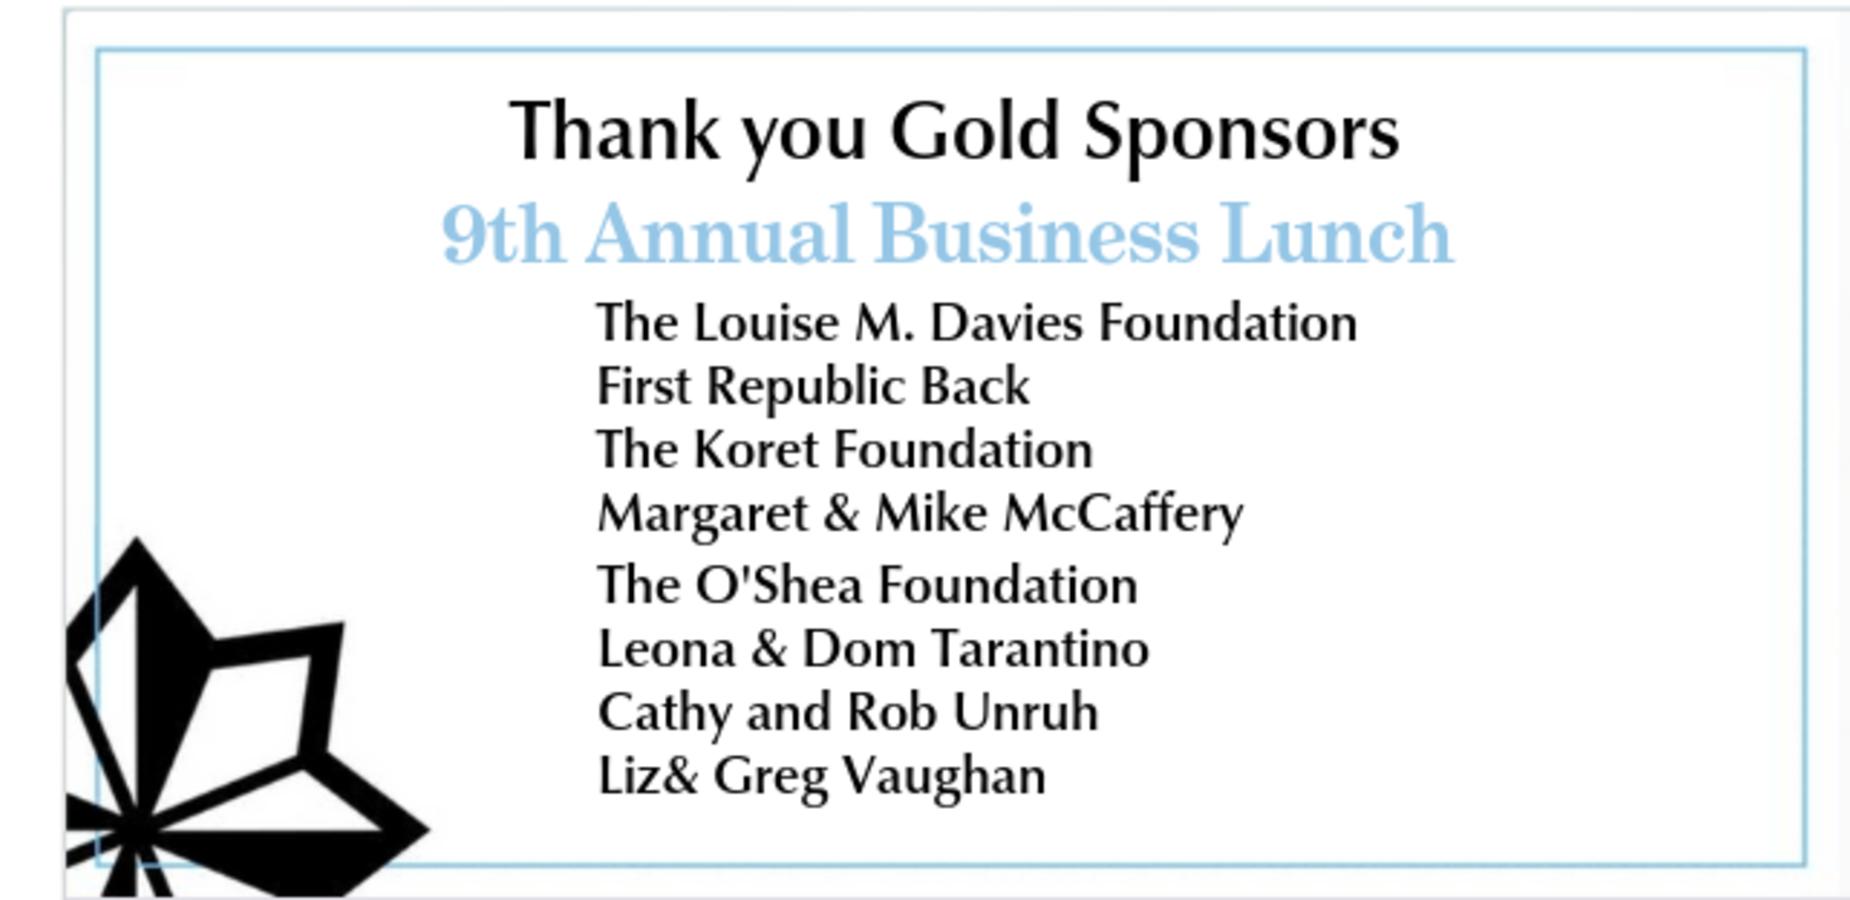 Gold Sponsor List